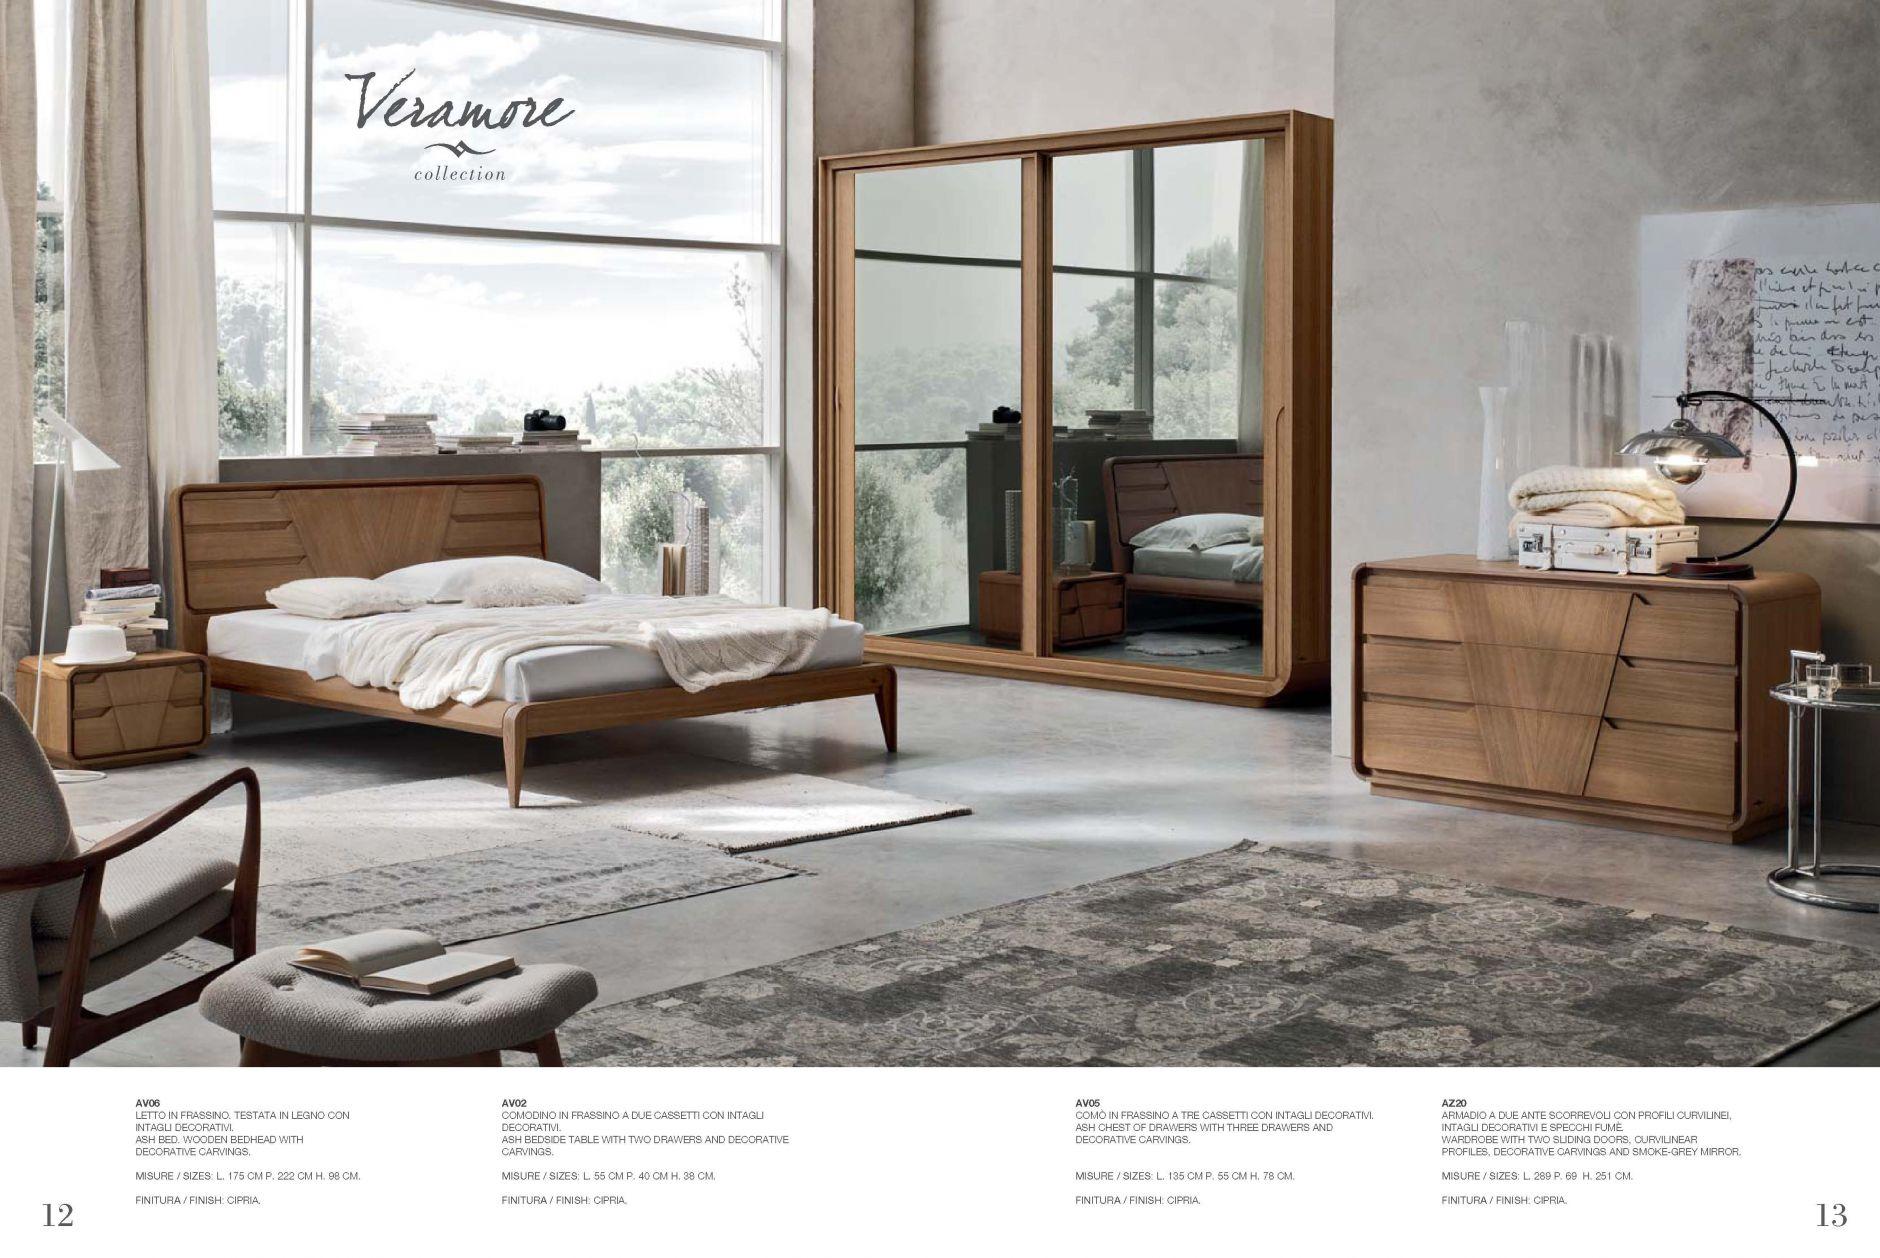 Schlafzimmer - Accademia del Mobile VERAMORE Schlafzimmer SerieDie ...